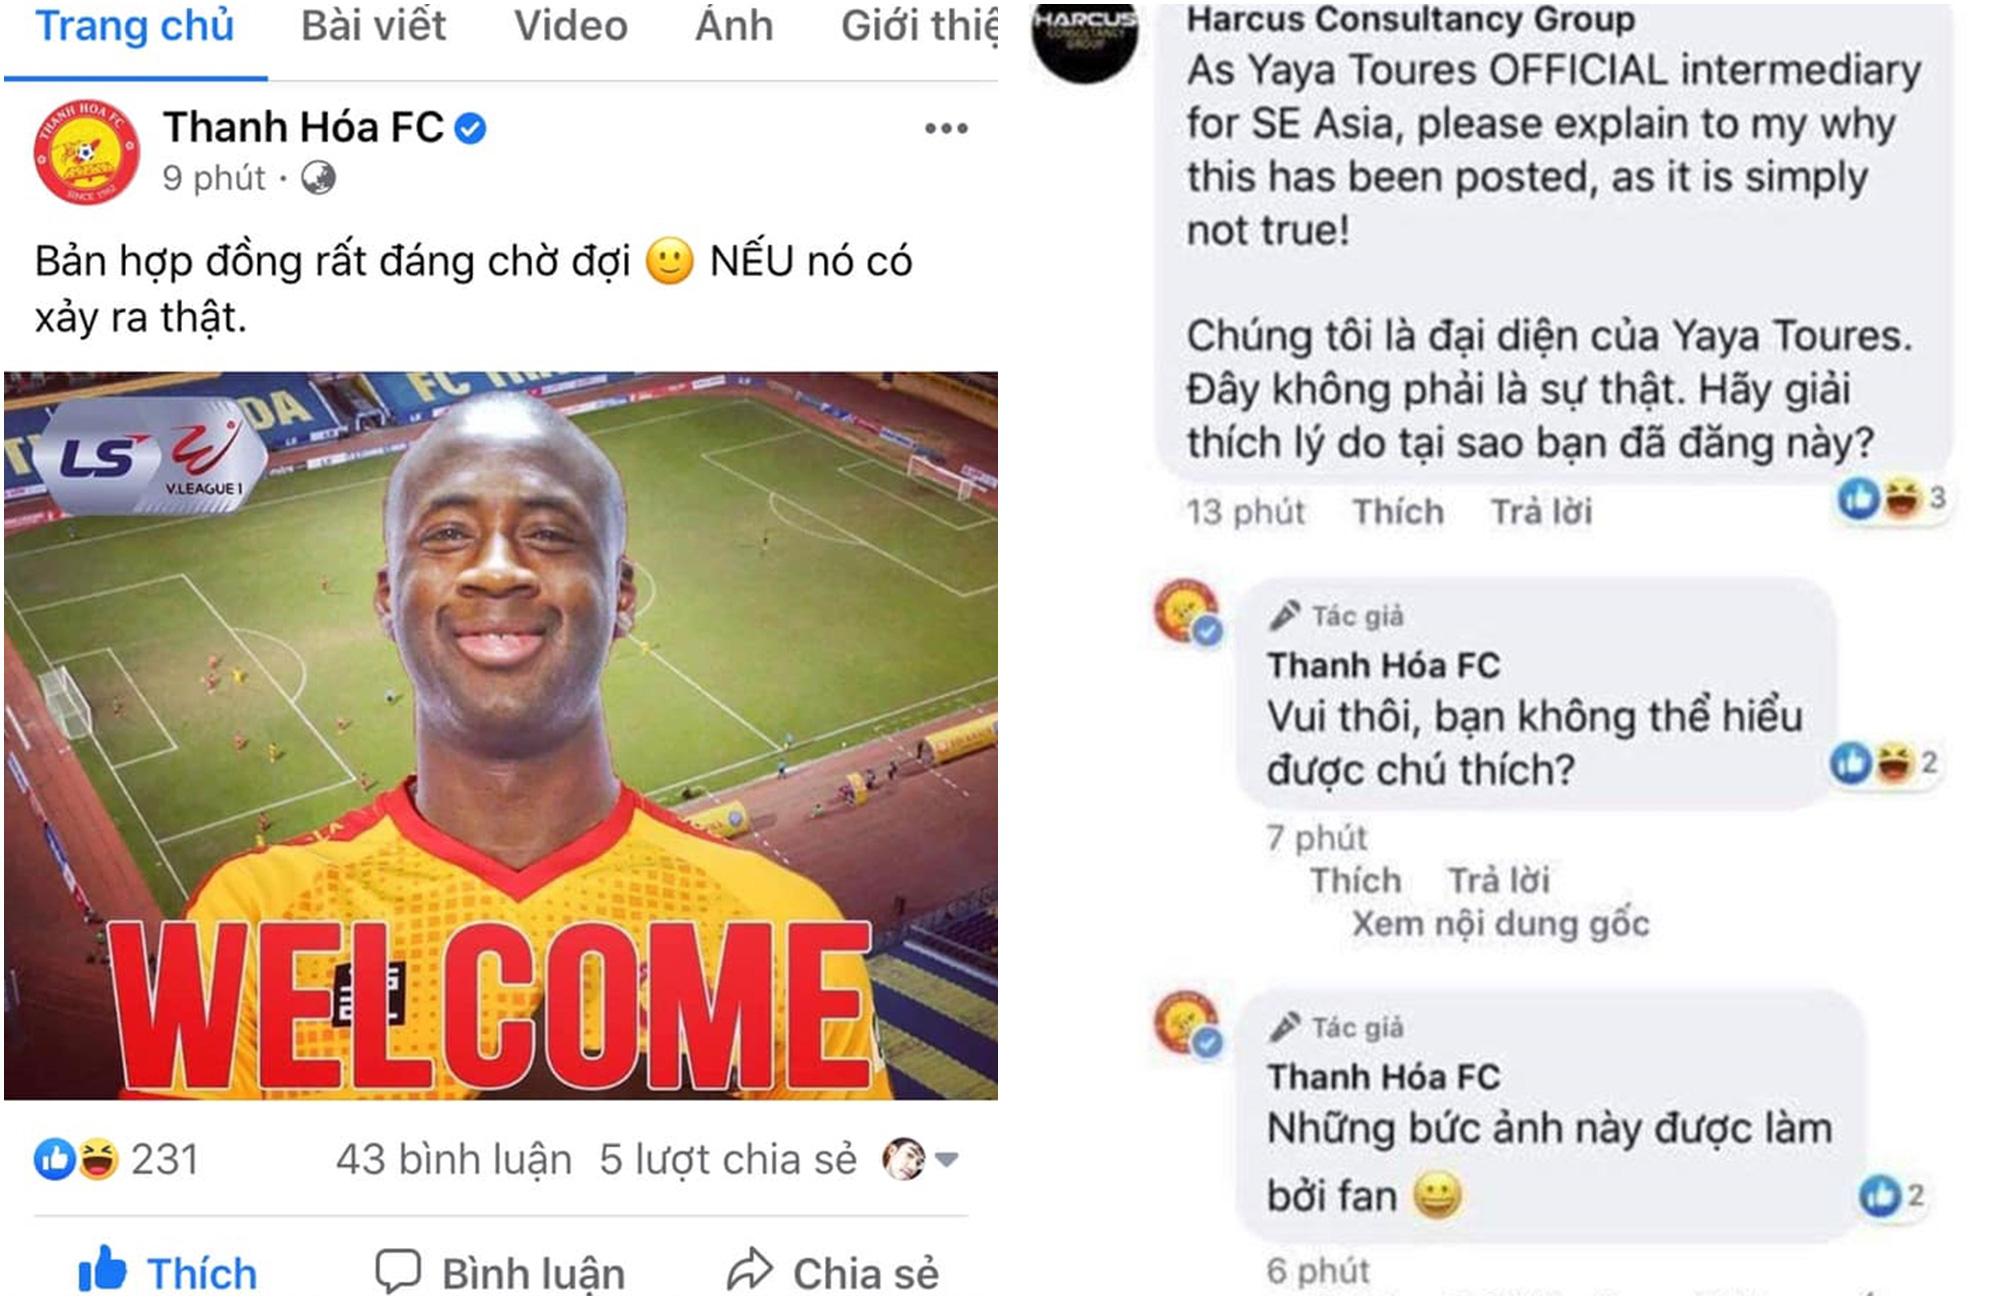 Đội Thanh Hóa bị hỏi chuyện khi chào đón Yaya Toure đến V.League chỉ để vui thôi - Ảnh 1.